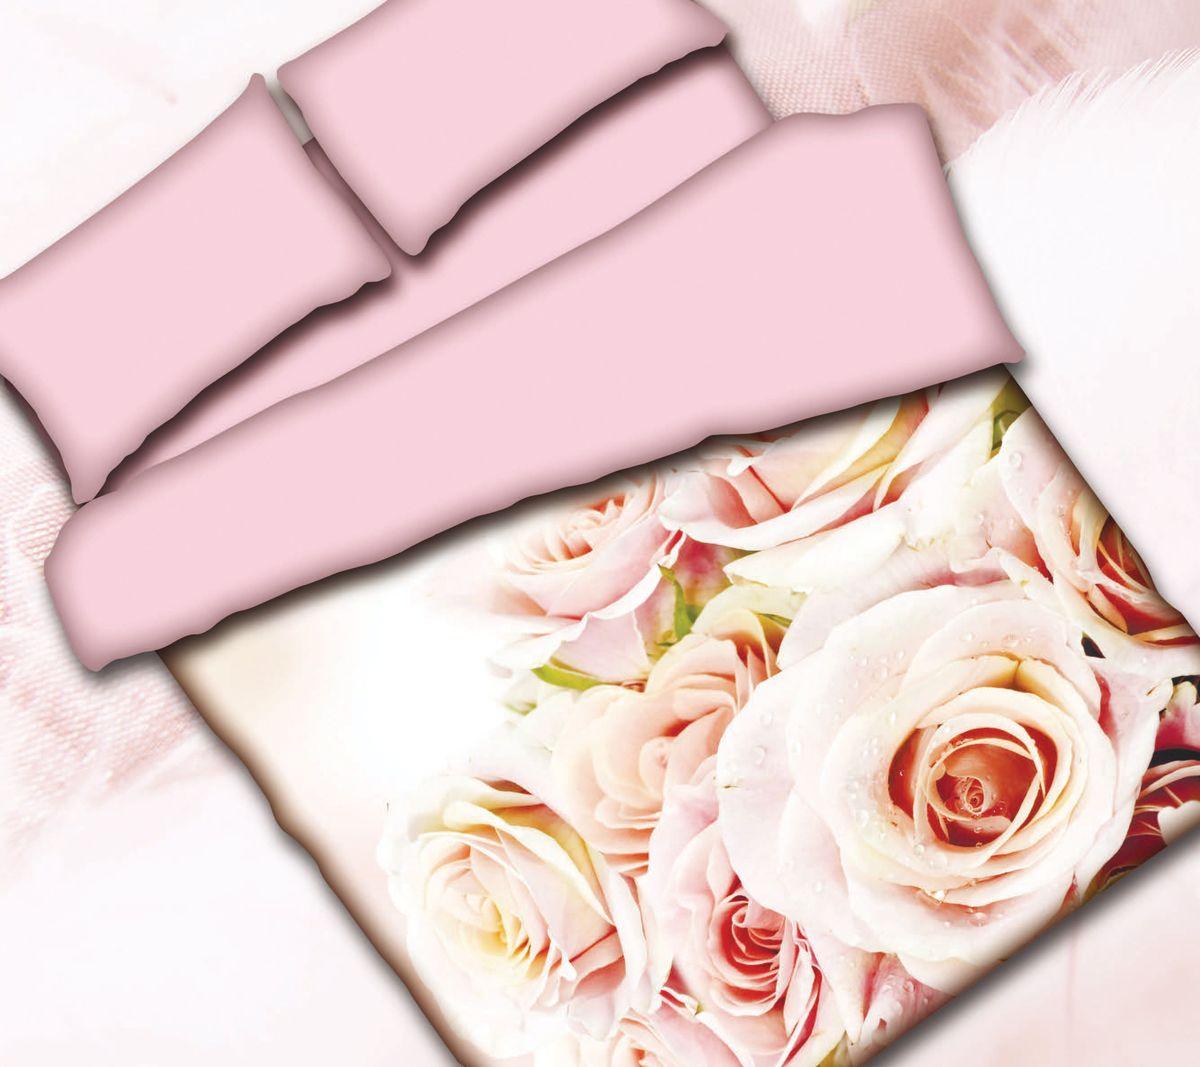 Комплект белья Коллекция Розы, 2-спальный, наволочки 50x70. СРП2/50/ОЗ/розыСРП2/50/ОЗ/розыКомплект постельного белья Коллекция прекрасно украсит любой интерьер. Выполнен из сатина. Сатин - это гладкая и прочная ткань, которая своим блеском, легкостью и гладкостью очень похожа на шелк. Ткань практически не мнется, поэтому его можно не гладить. Он практичен, так как хорошо переносит множественные стирки. Комплект включает в себя: простыню 220 х 224 см, пододеяльник 175 х 210 см,2 наволочки 50 х 70 см.